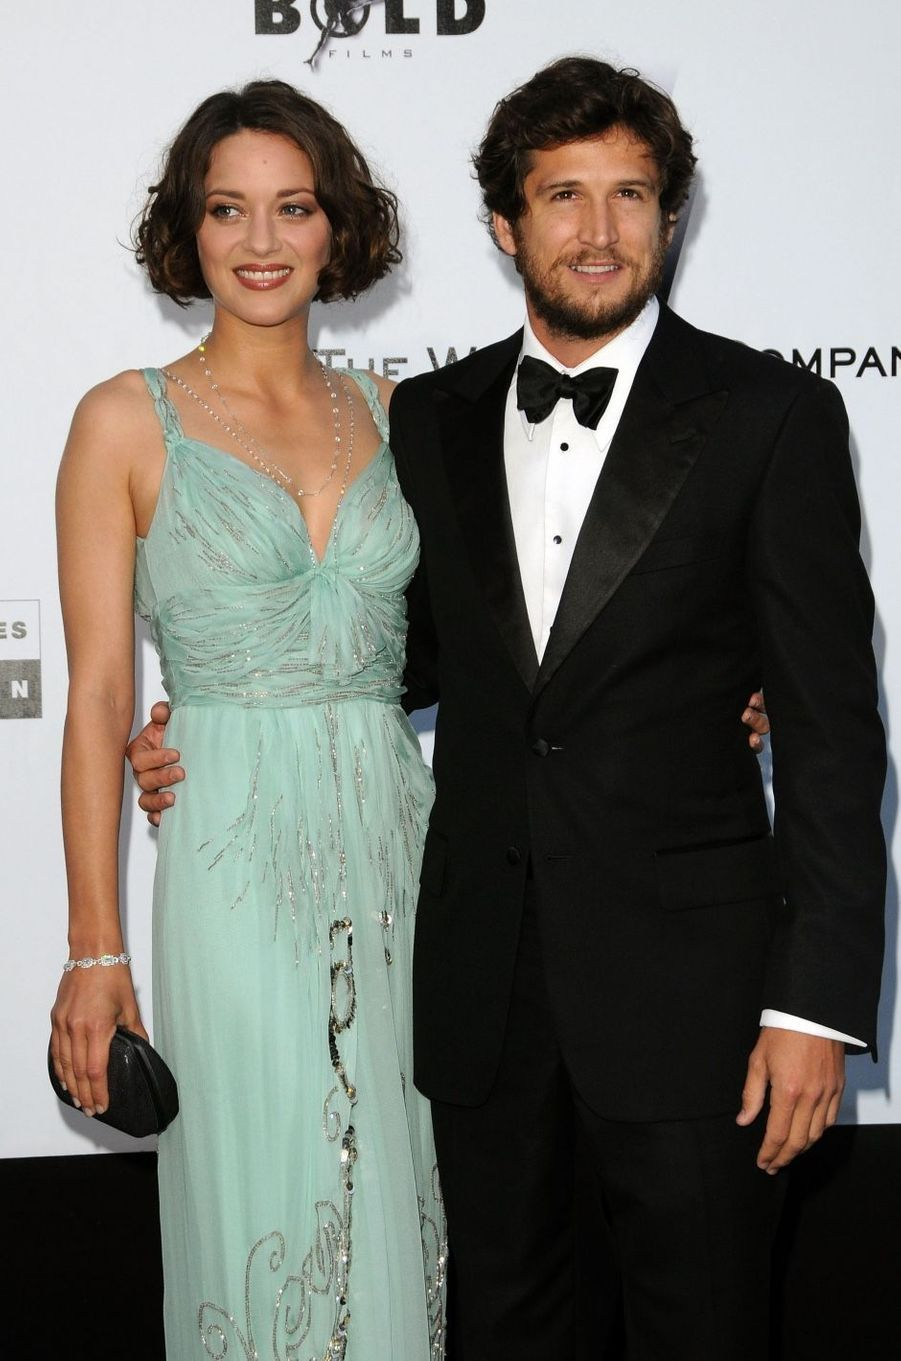 Marion Cotillard et Guillaume Canet en 2009. Ils sont ensemble depuis 2007 et ont eu deux enfants, Marcel et Louise.